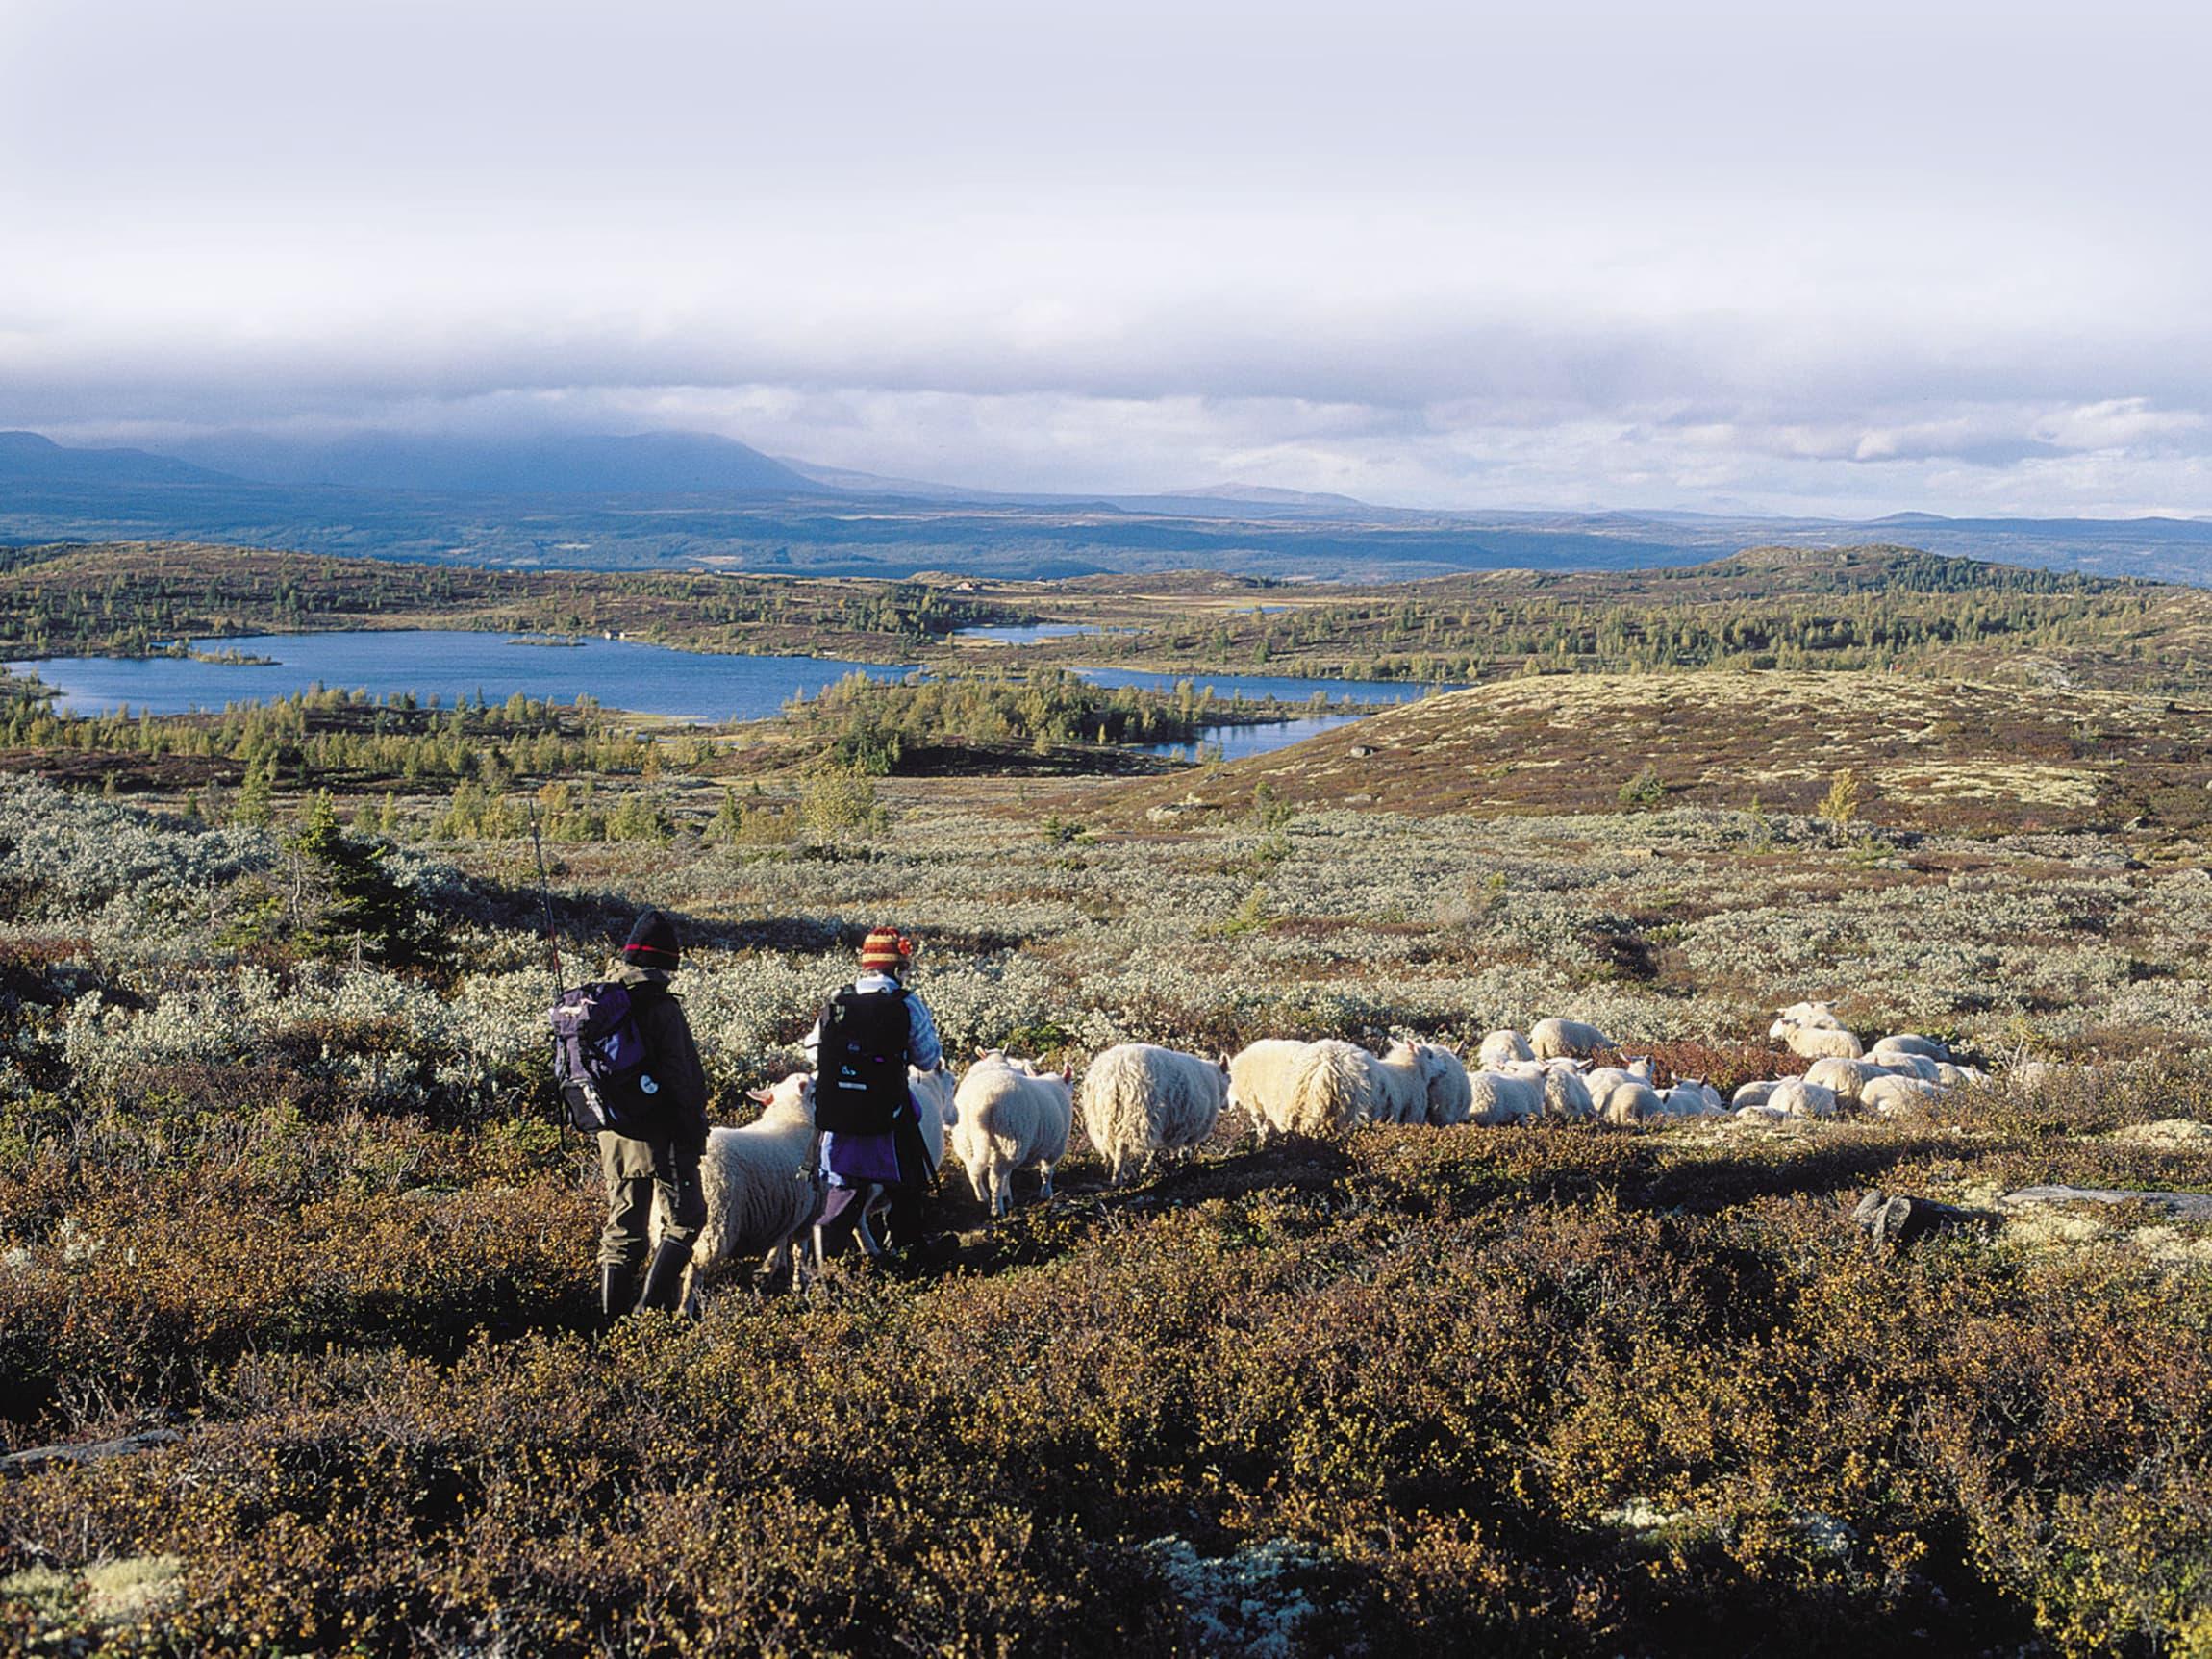 Det er ikke uvanlig at sauer og lam vandrer langt på beite. Her fra sauesanking i fjellet.